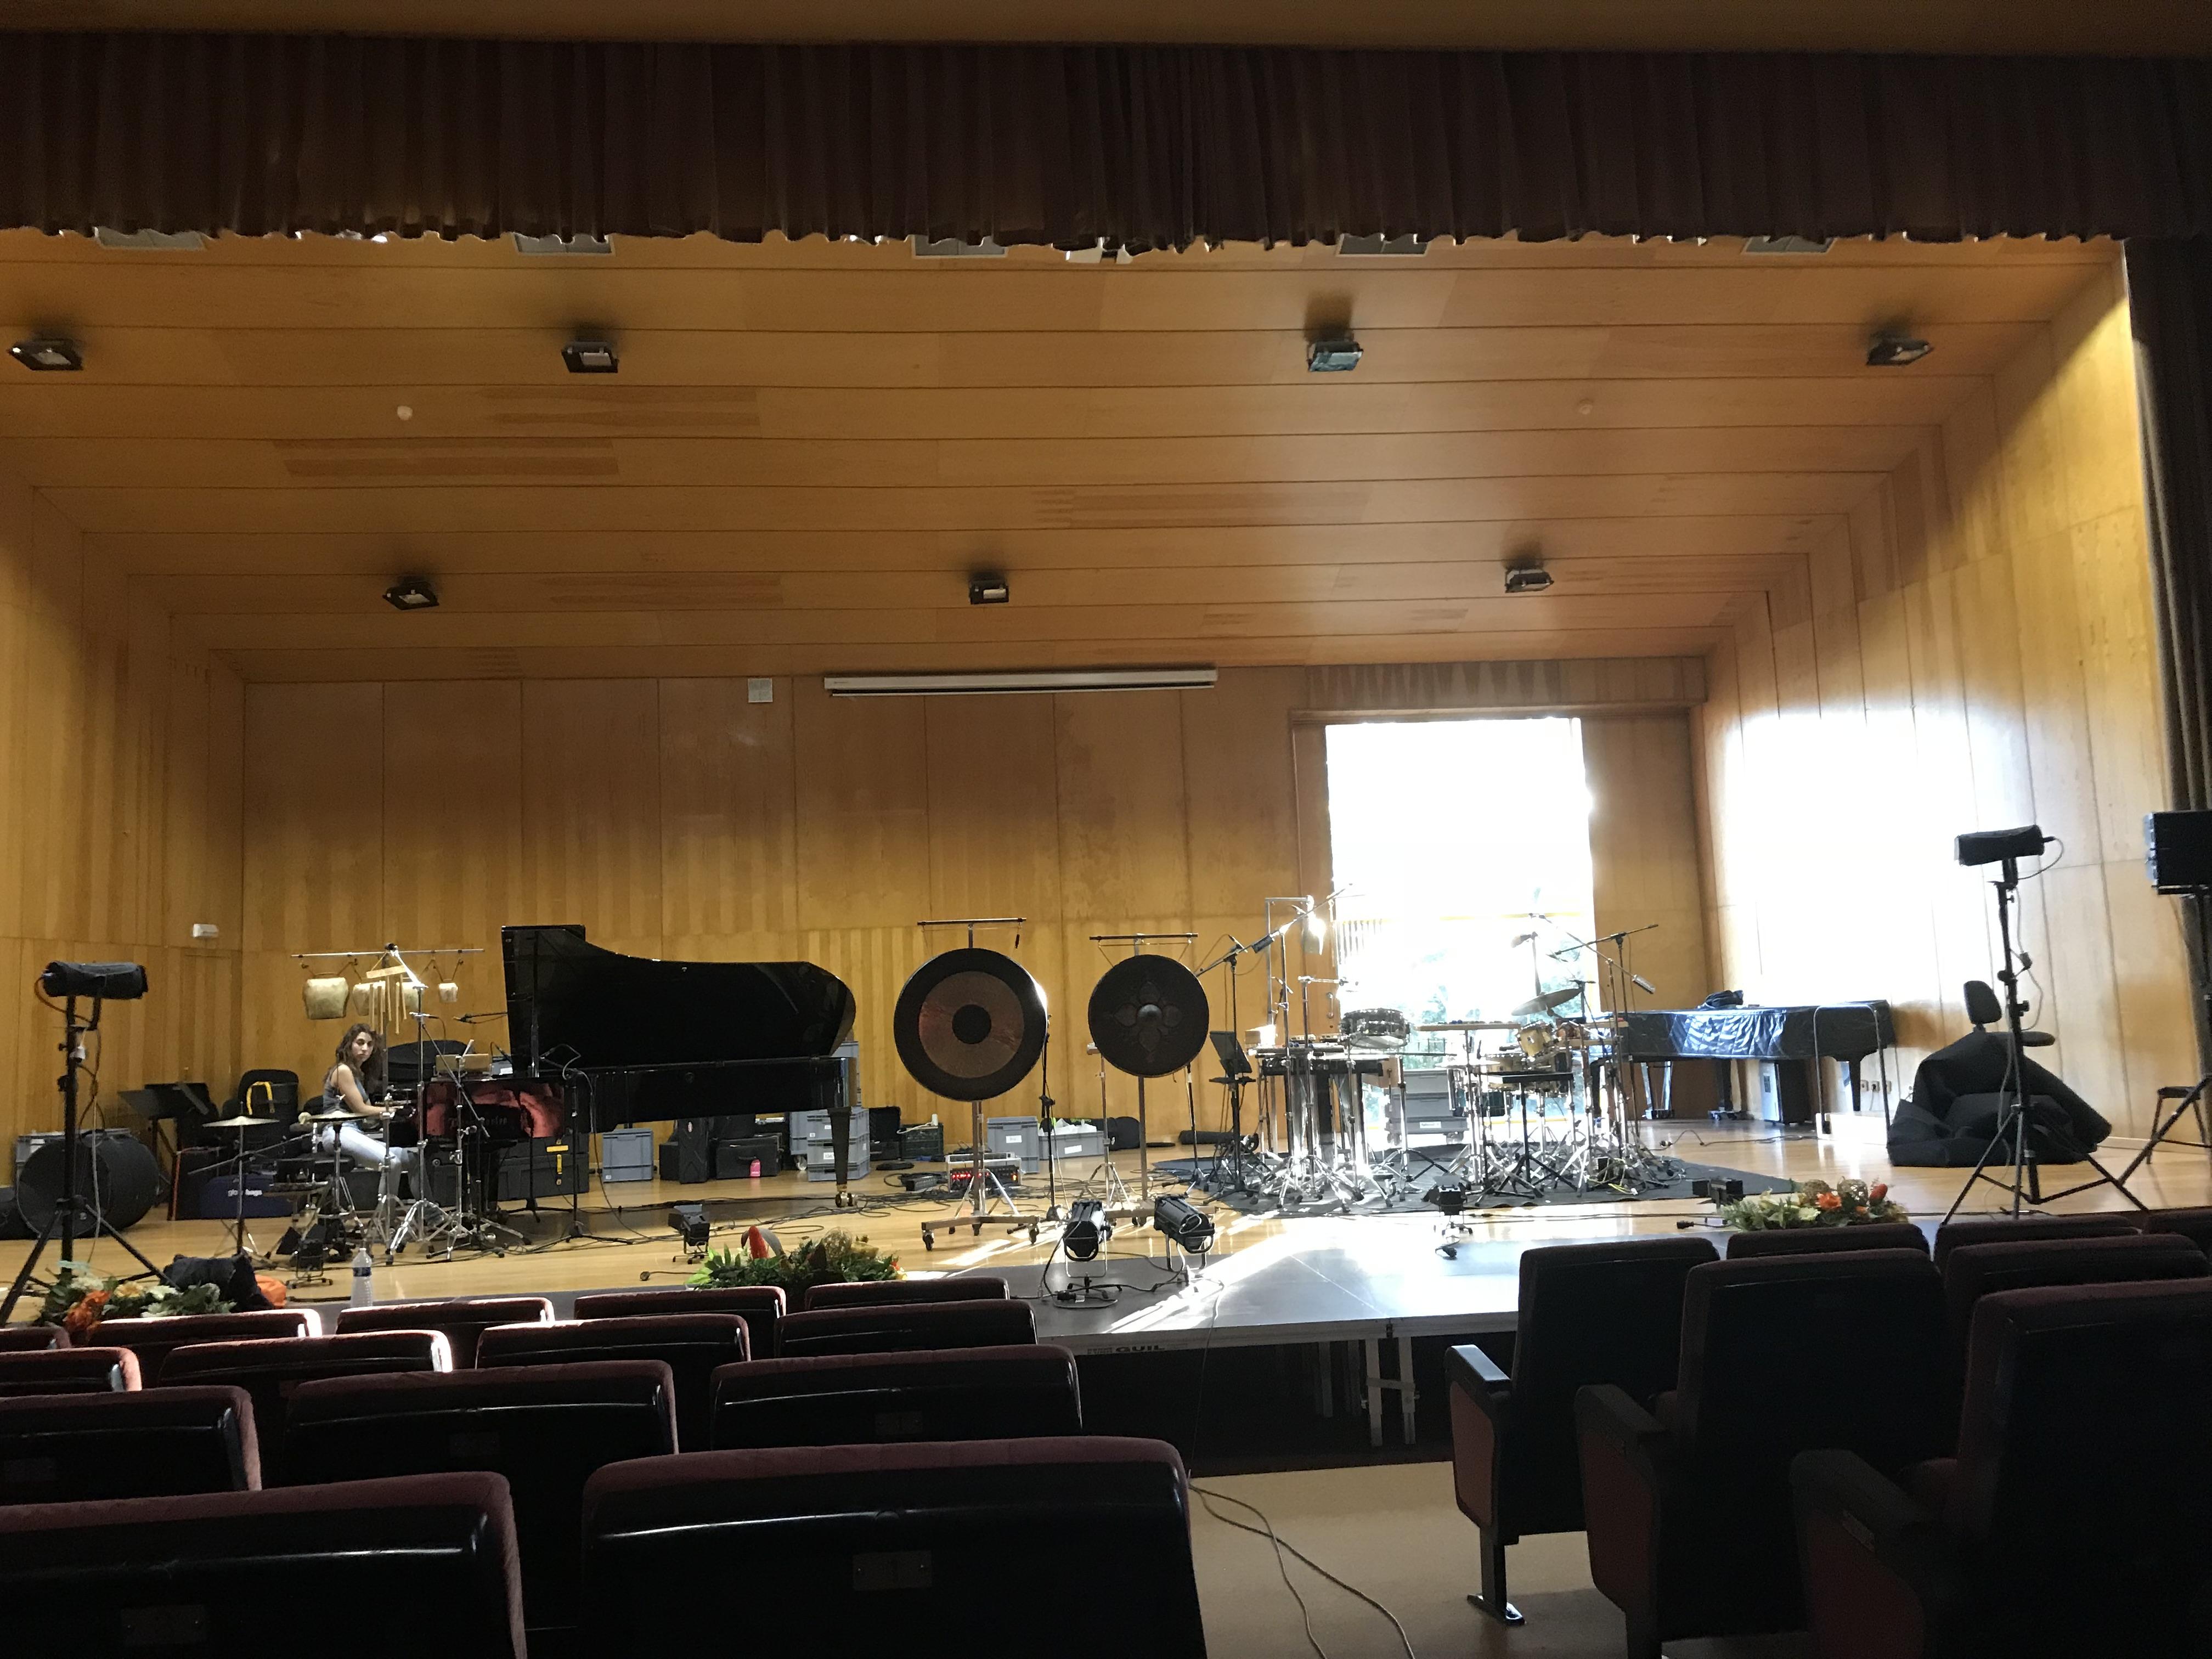 oh ton-ensemble | Die Vorebereitungen für das Konzert in VIGO sind abgeschlossen